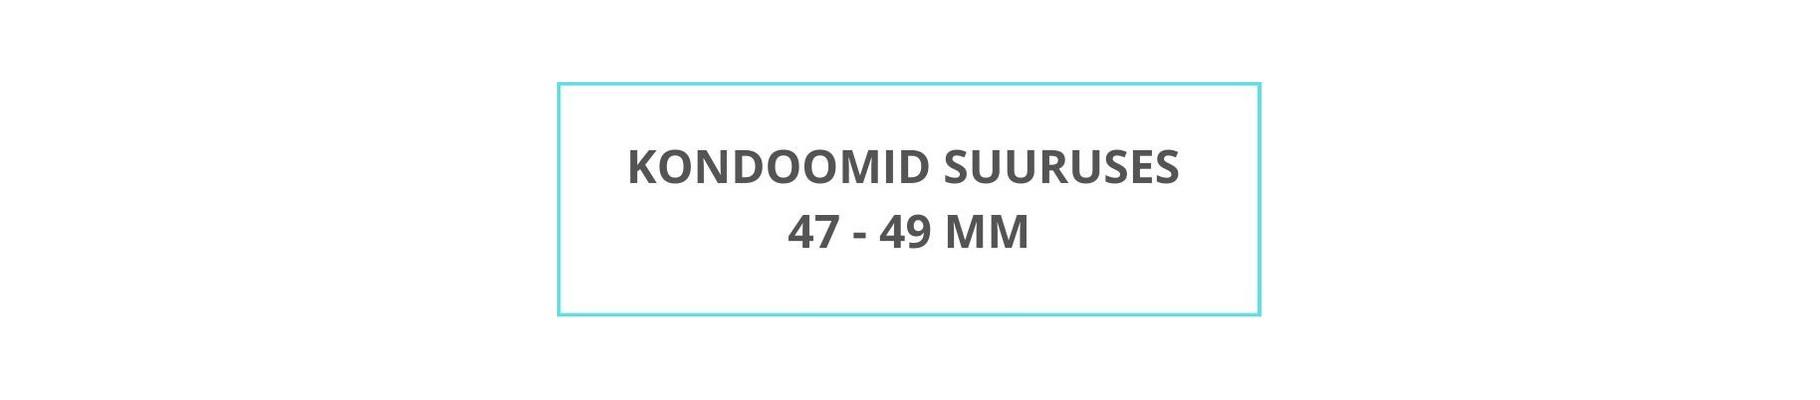 маленький презервативы в размере 47-49 мм